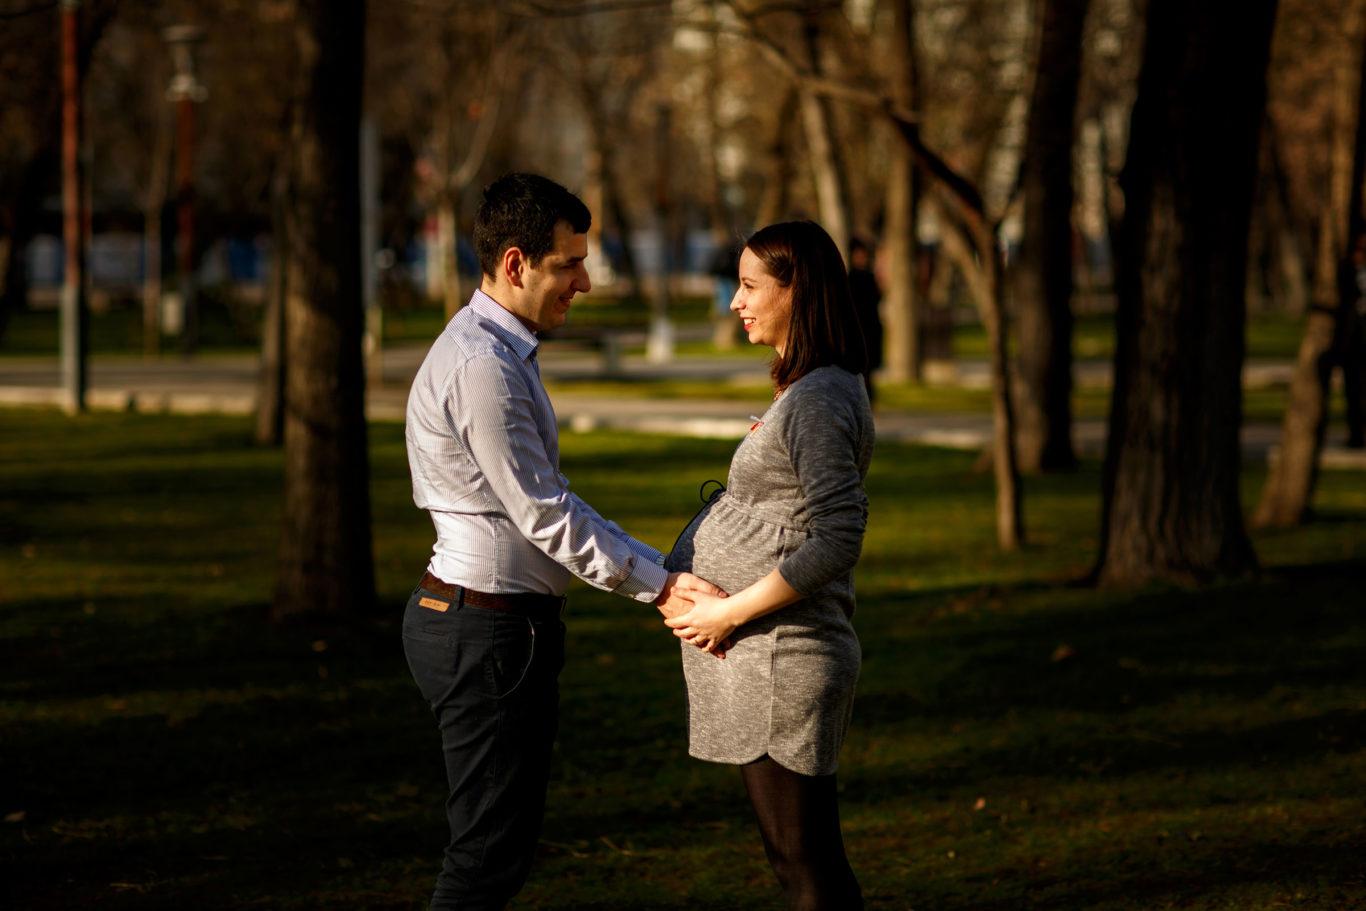 0021-Fotografii-maternitate-Cristina-fotograf-Ciprian-Dumitrescu-DCF_7592